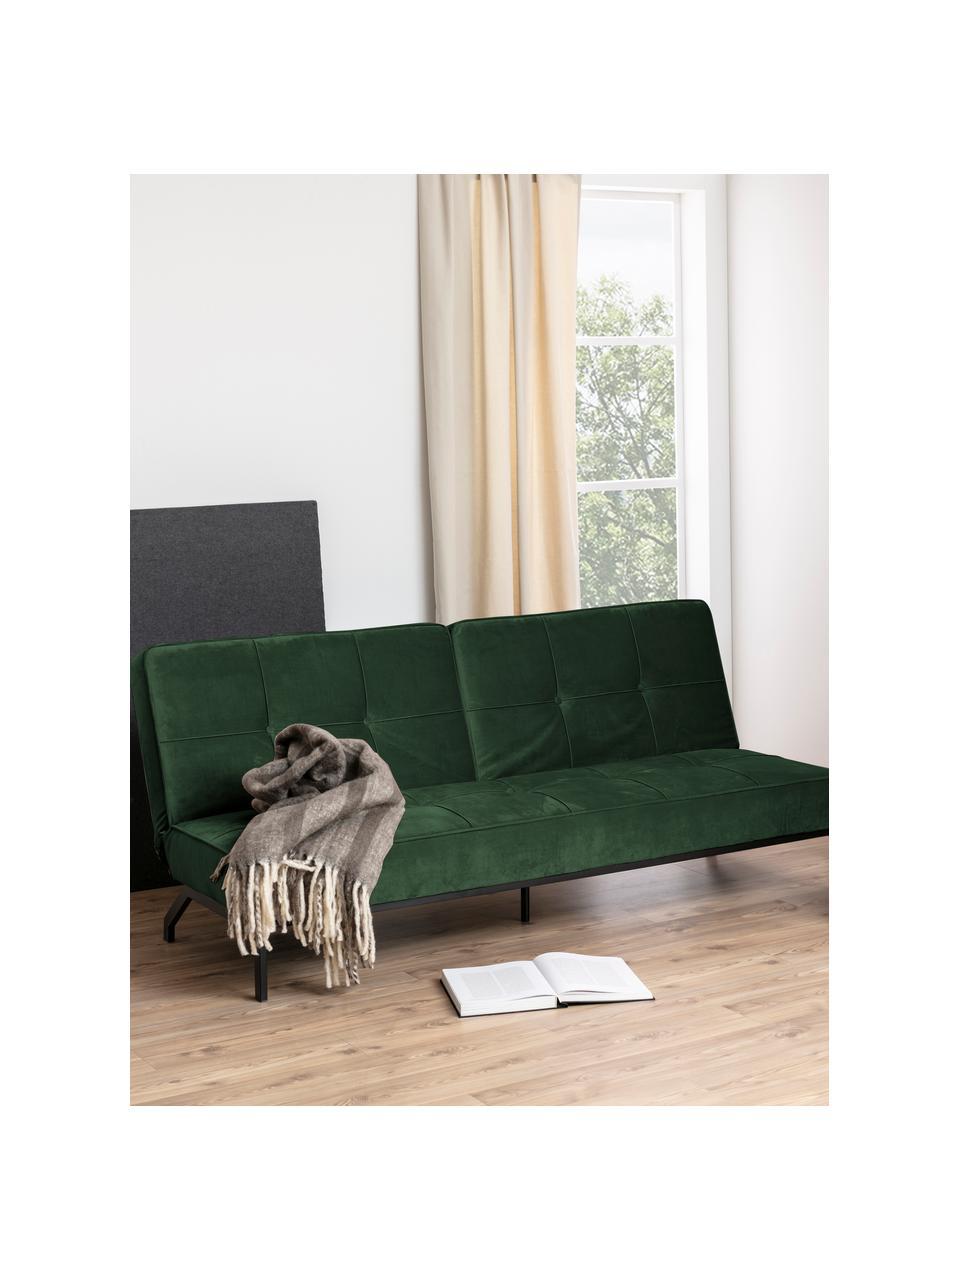 Fluwelen slaapbank Perugia in groen met metalen poten, uitklapbaar, Bekleding: polyester, Poten: gelakt metaal, Fluweel groen, B 198 x D 95 cm